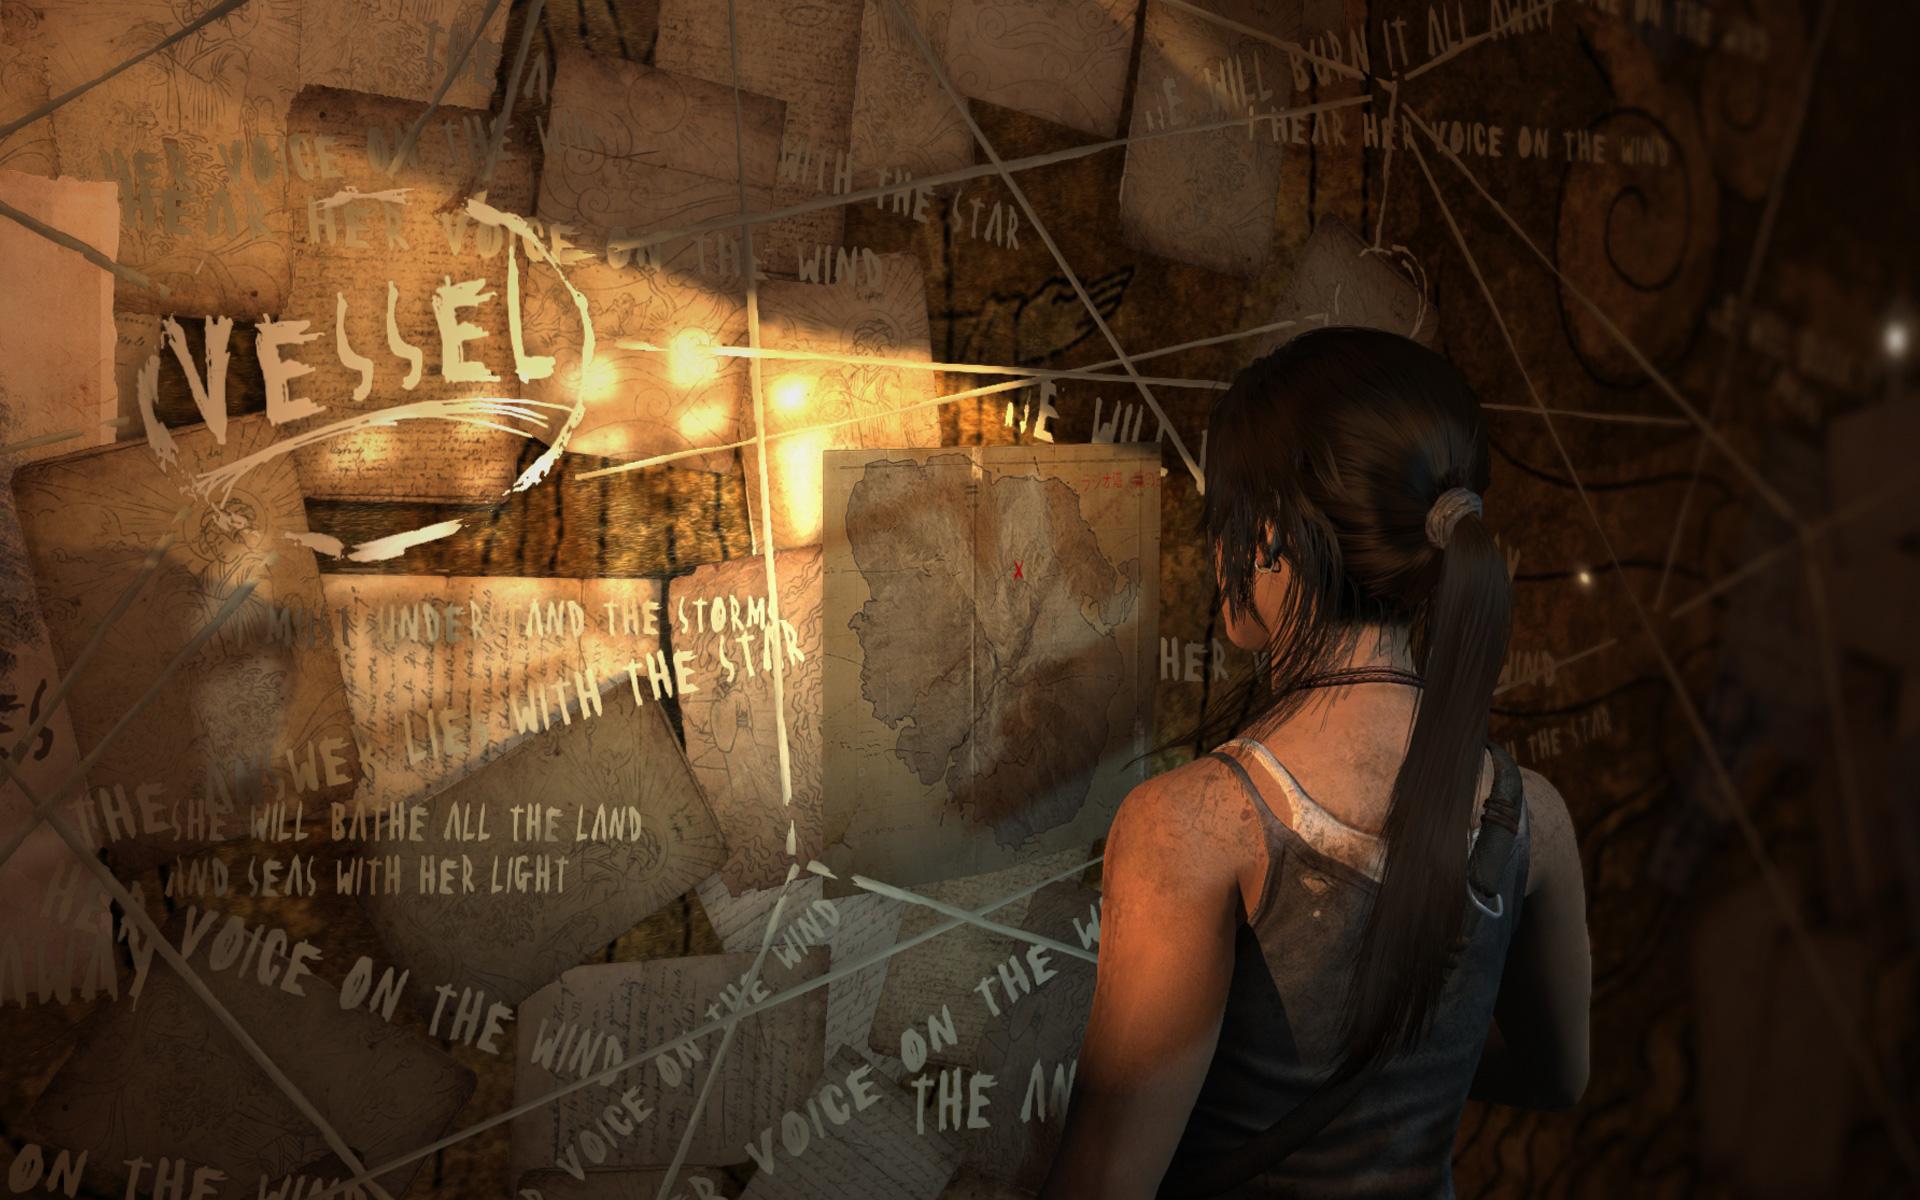 Tomb Raider Wallpaper in 1920x1200